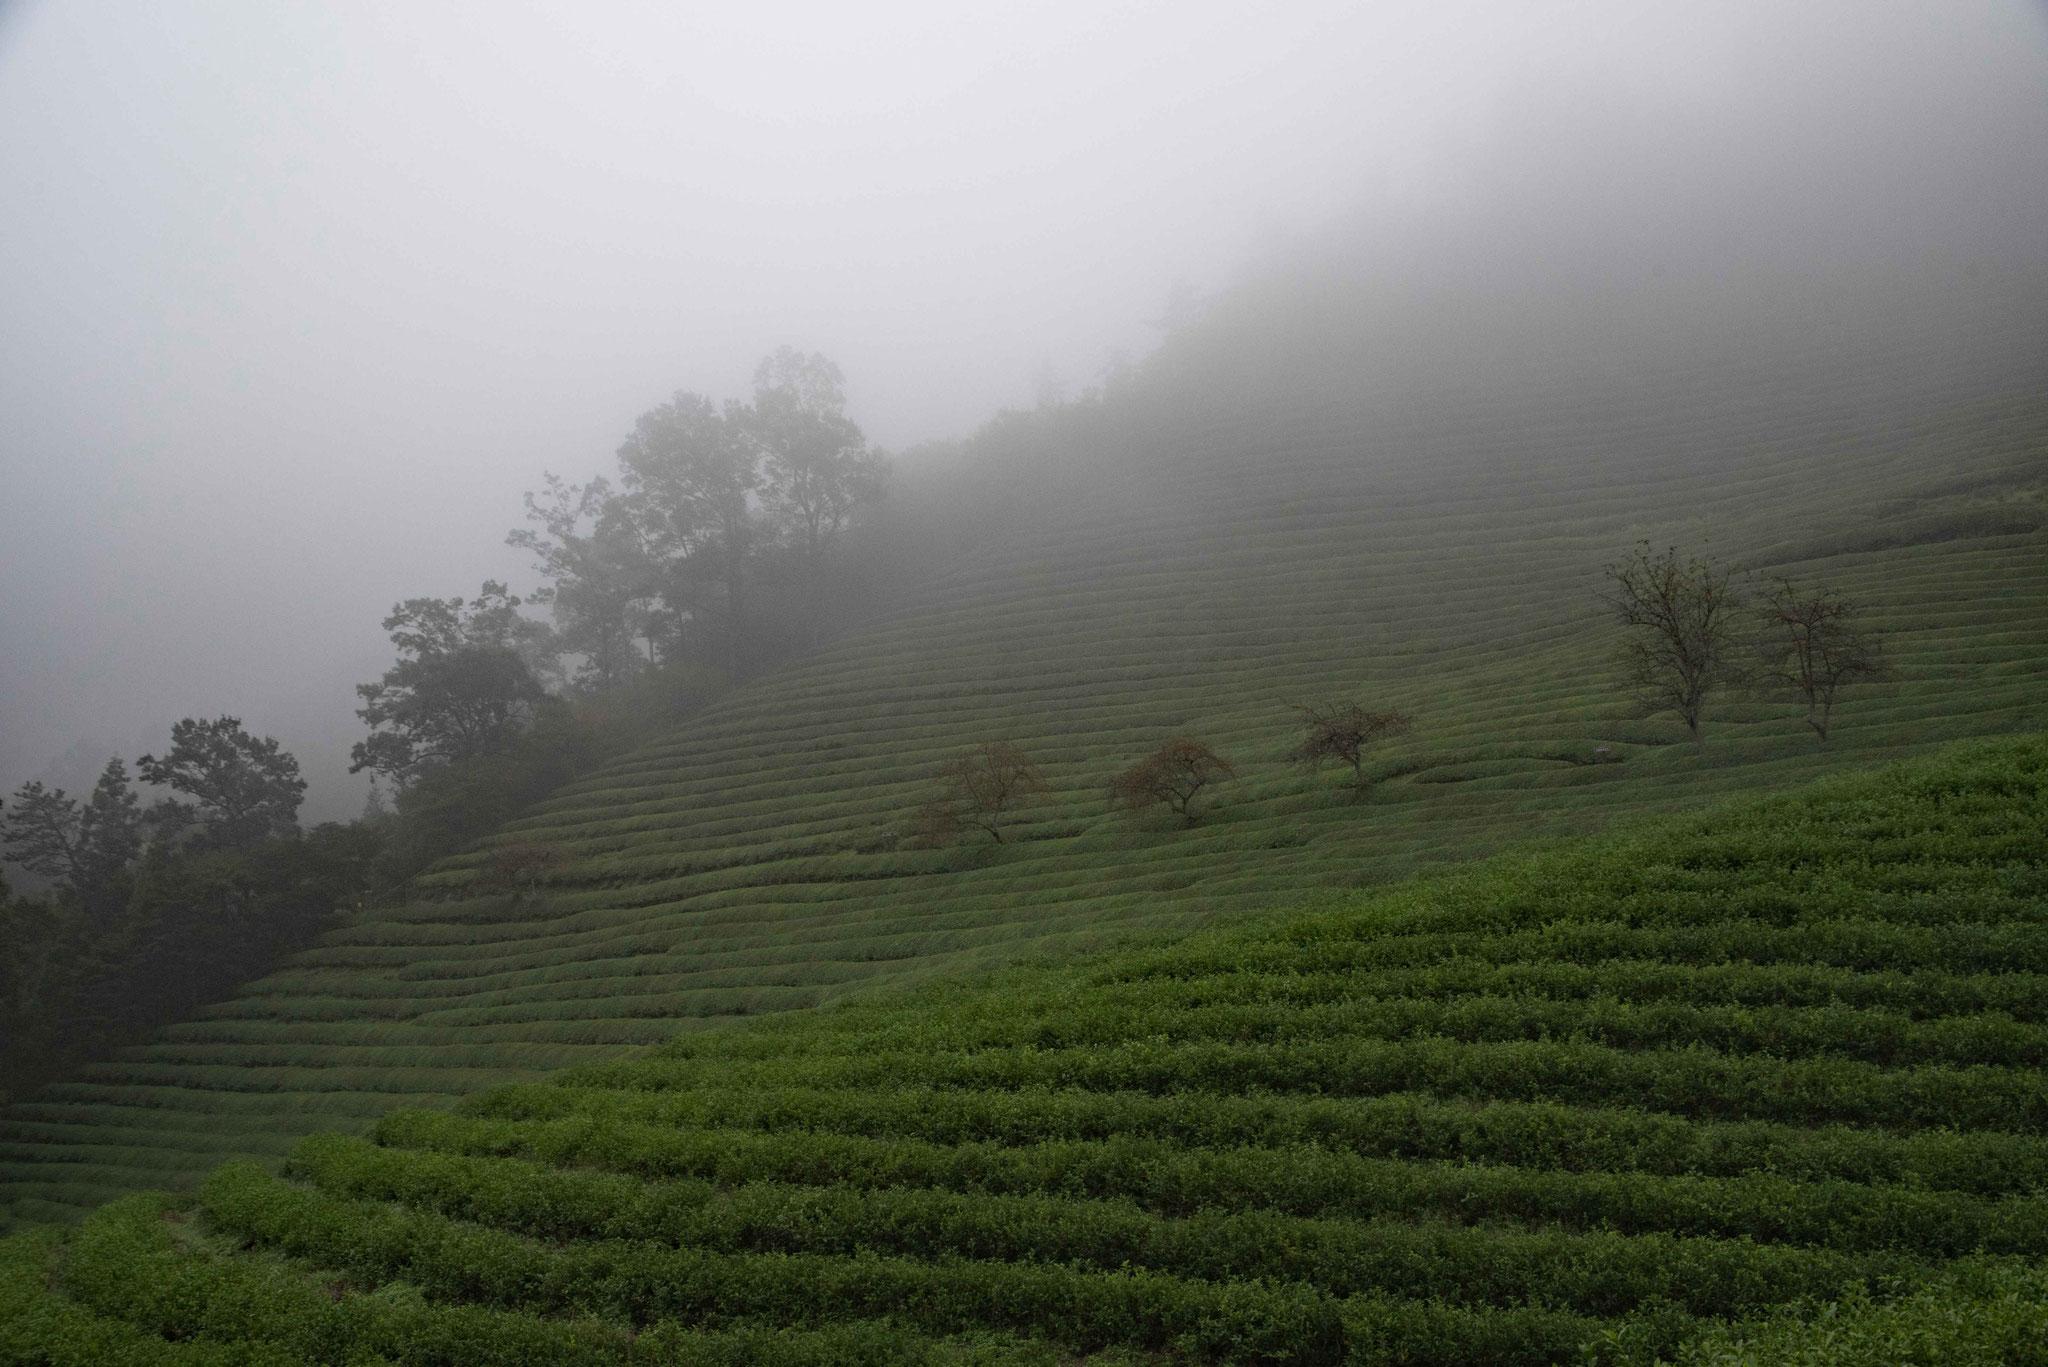 Die Feuchtigkeit des Regen und Nebels mögen die Teeplanzen